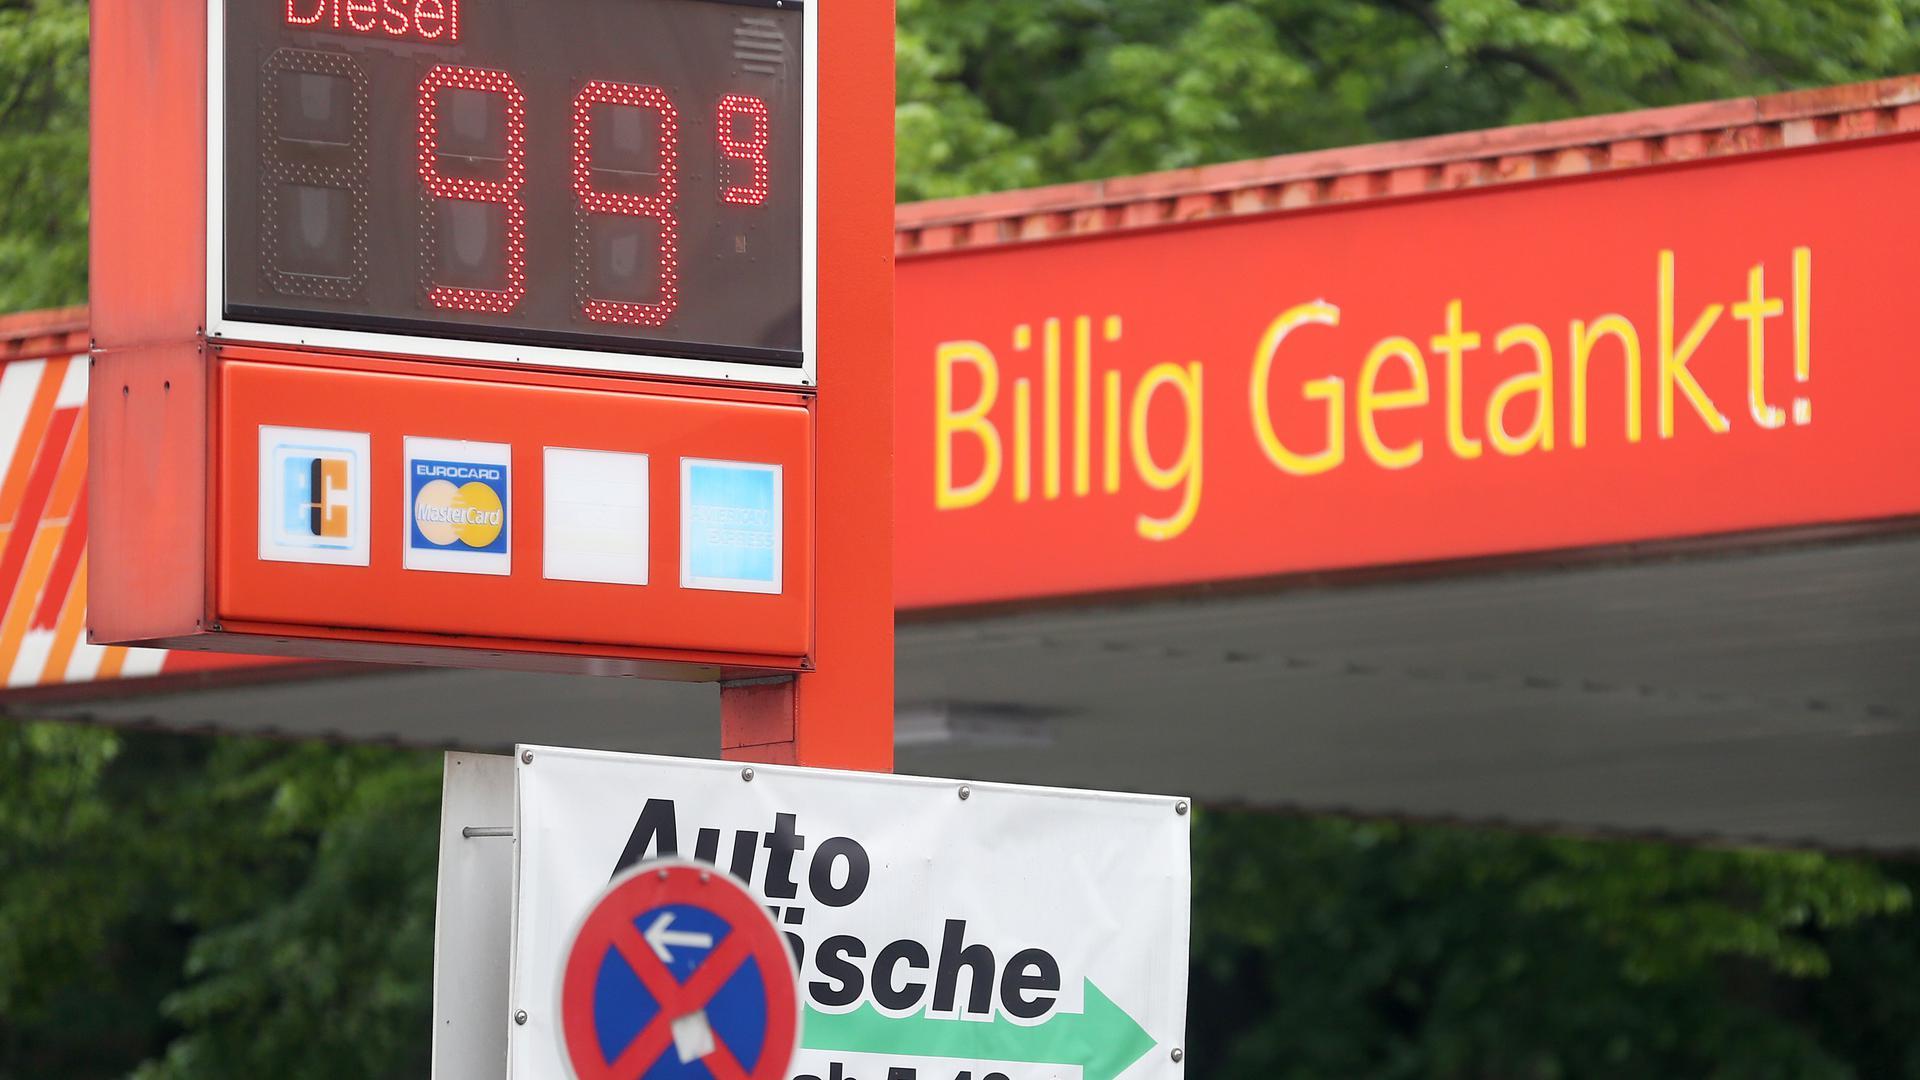 Für 99 Cent wird an einer Tankstelle der Liter Diesel angeboten.